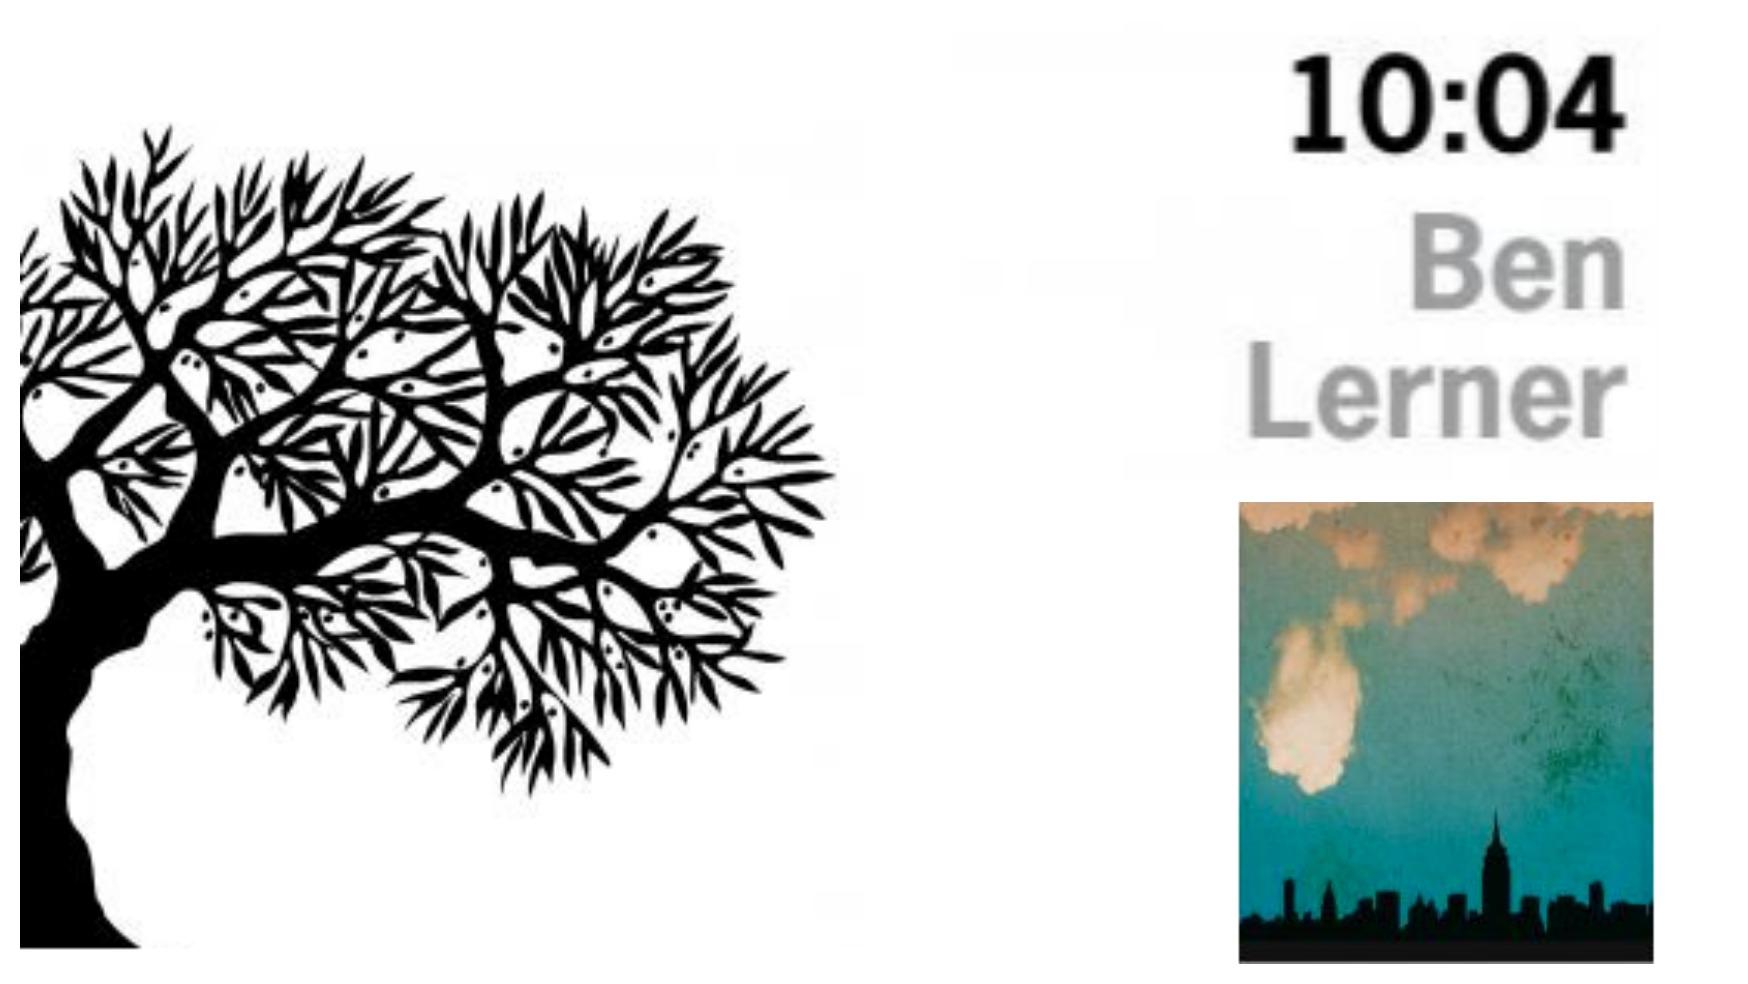 Ben Lerner 10:04